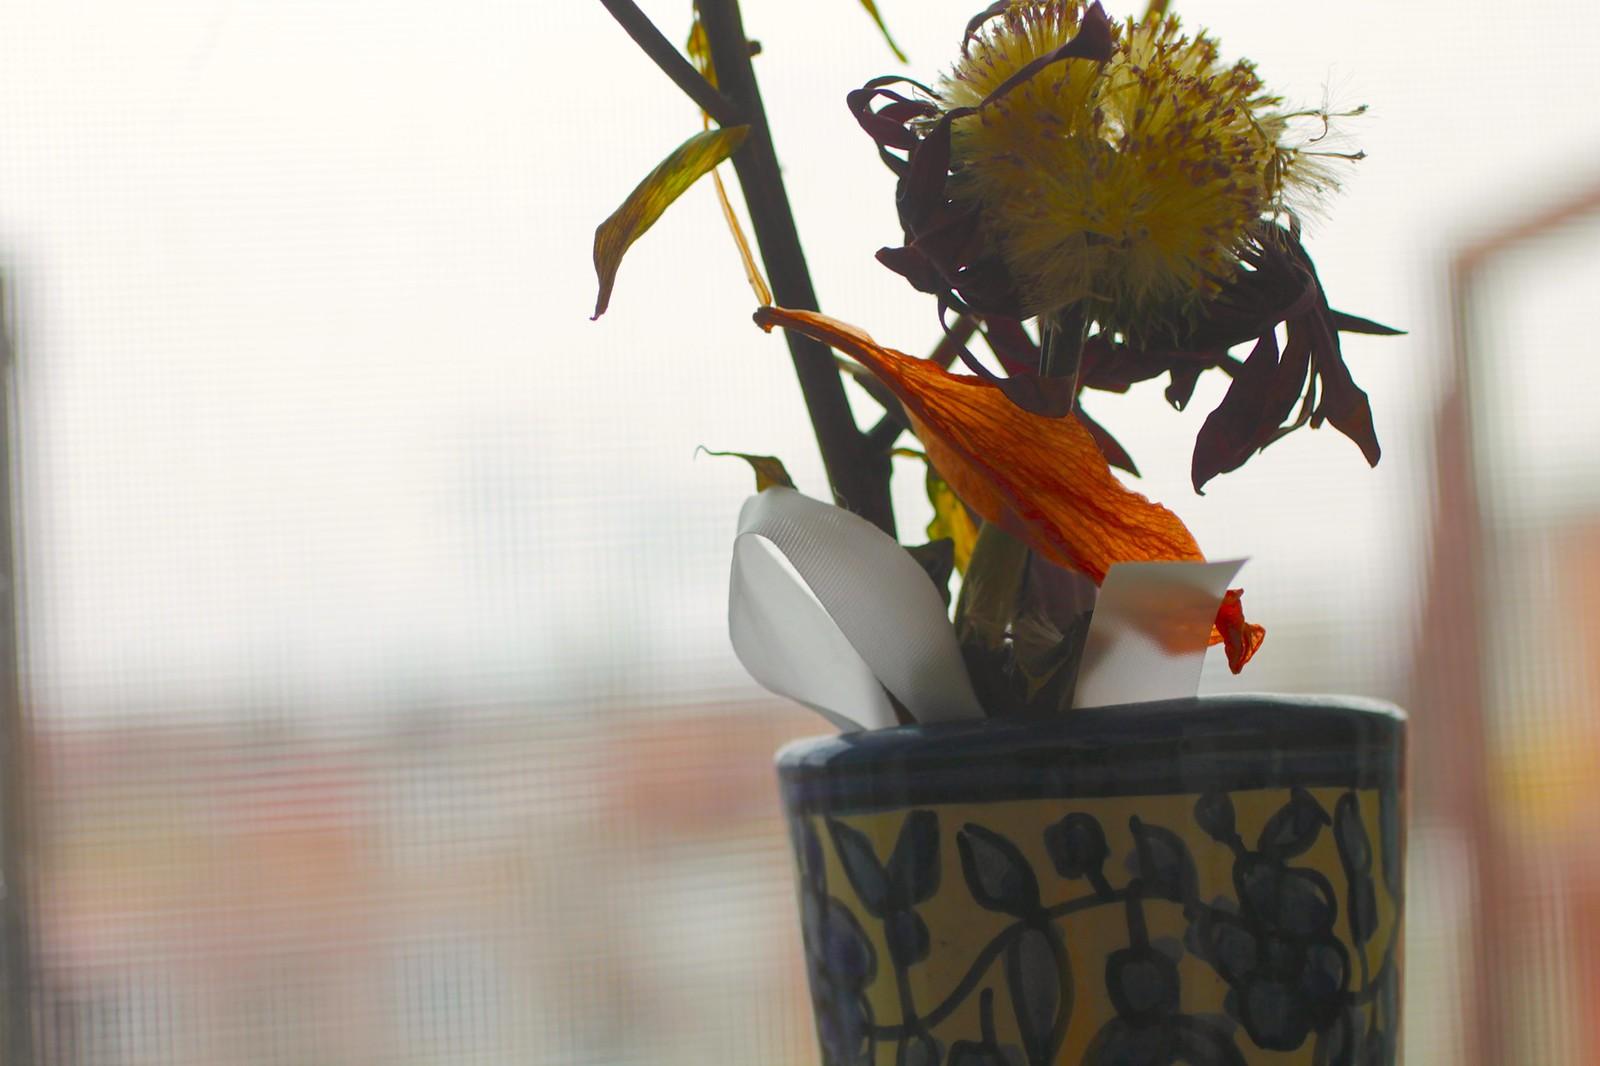 Flowers on my window sill